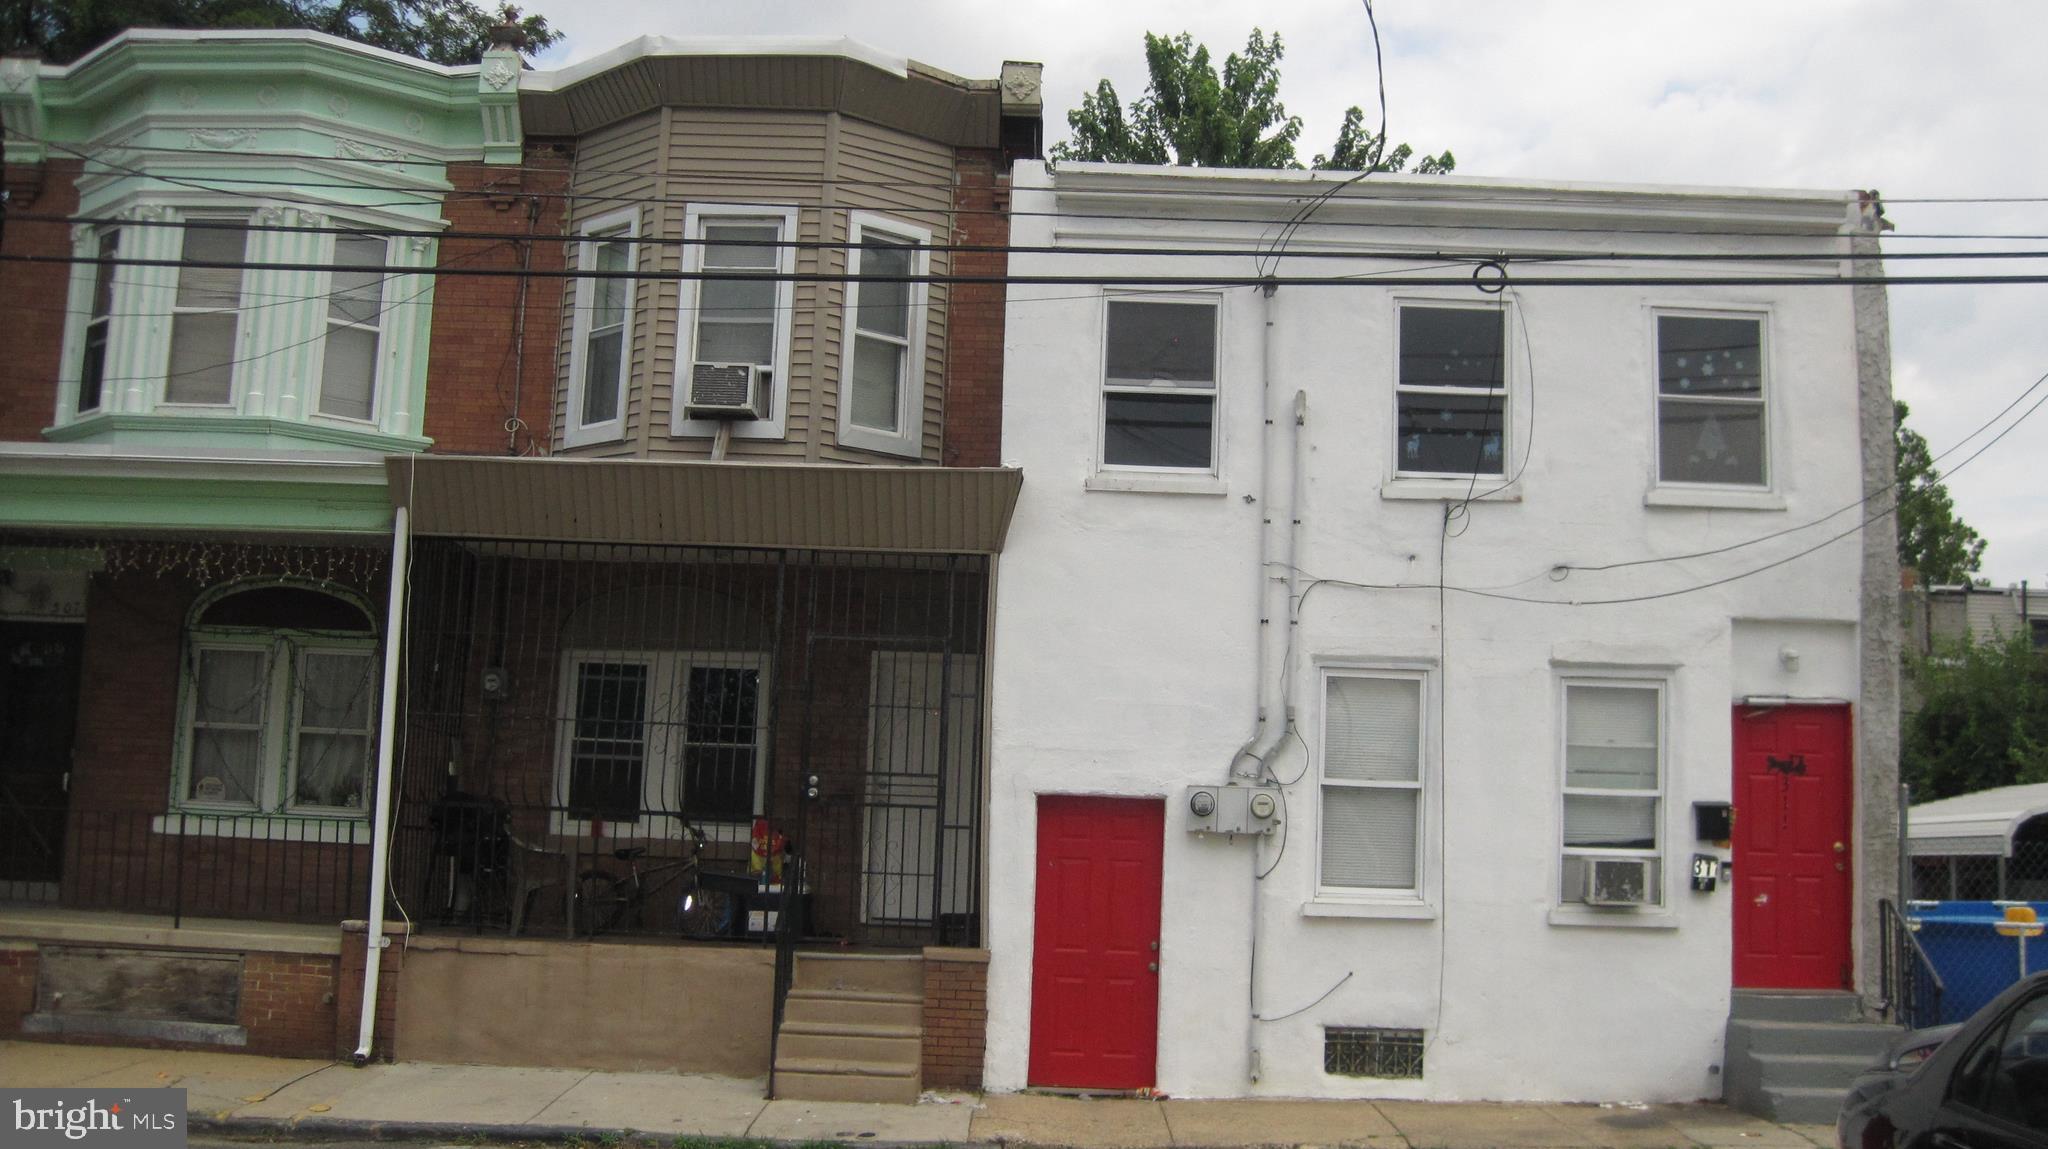 311 CEDAR STREET, CAMDEN, NJ 08102